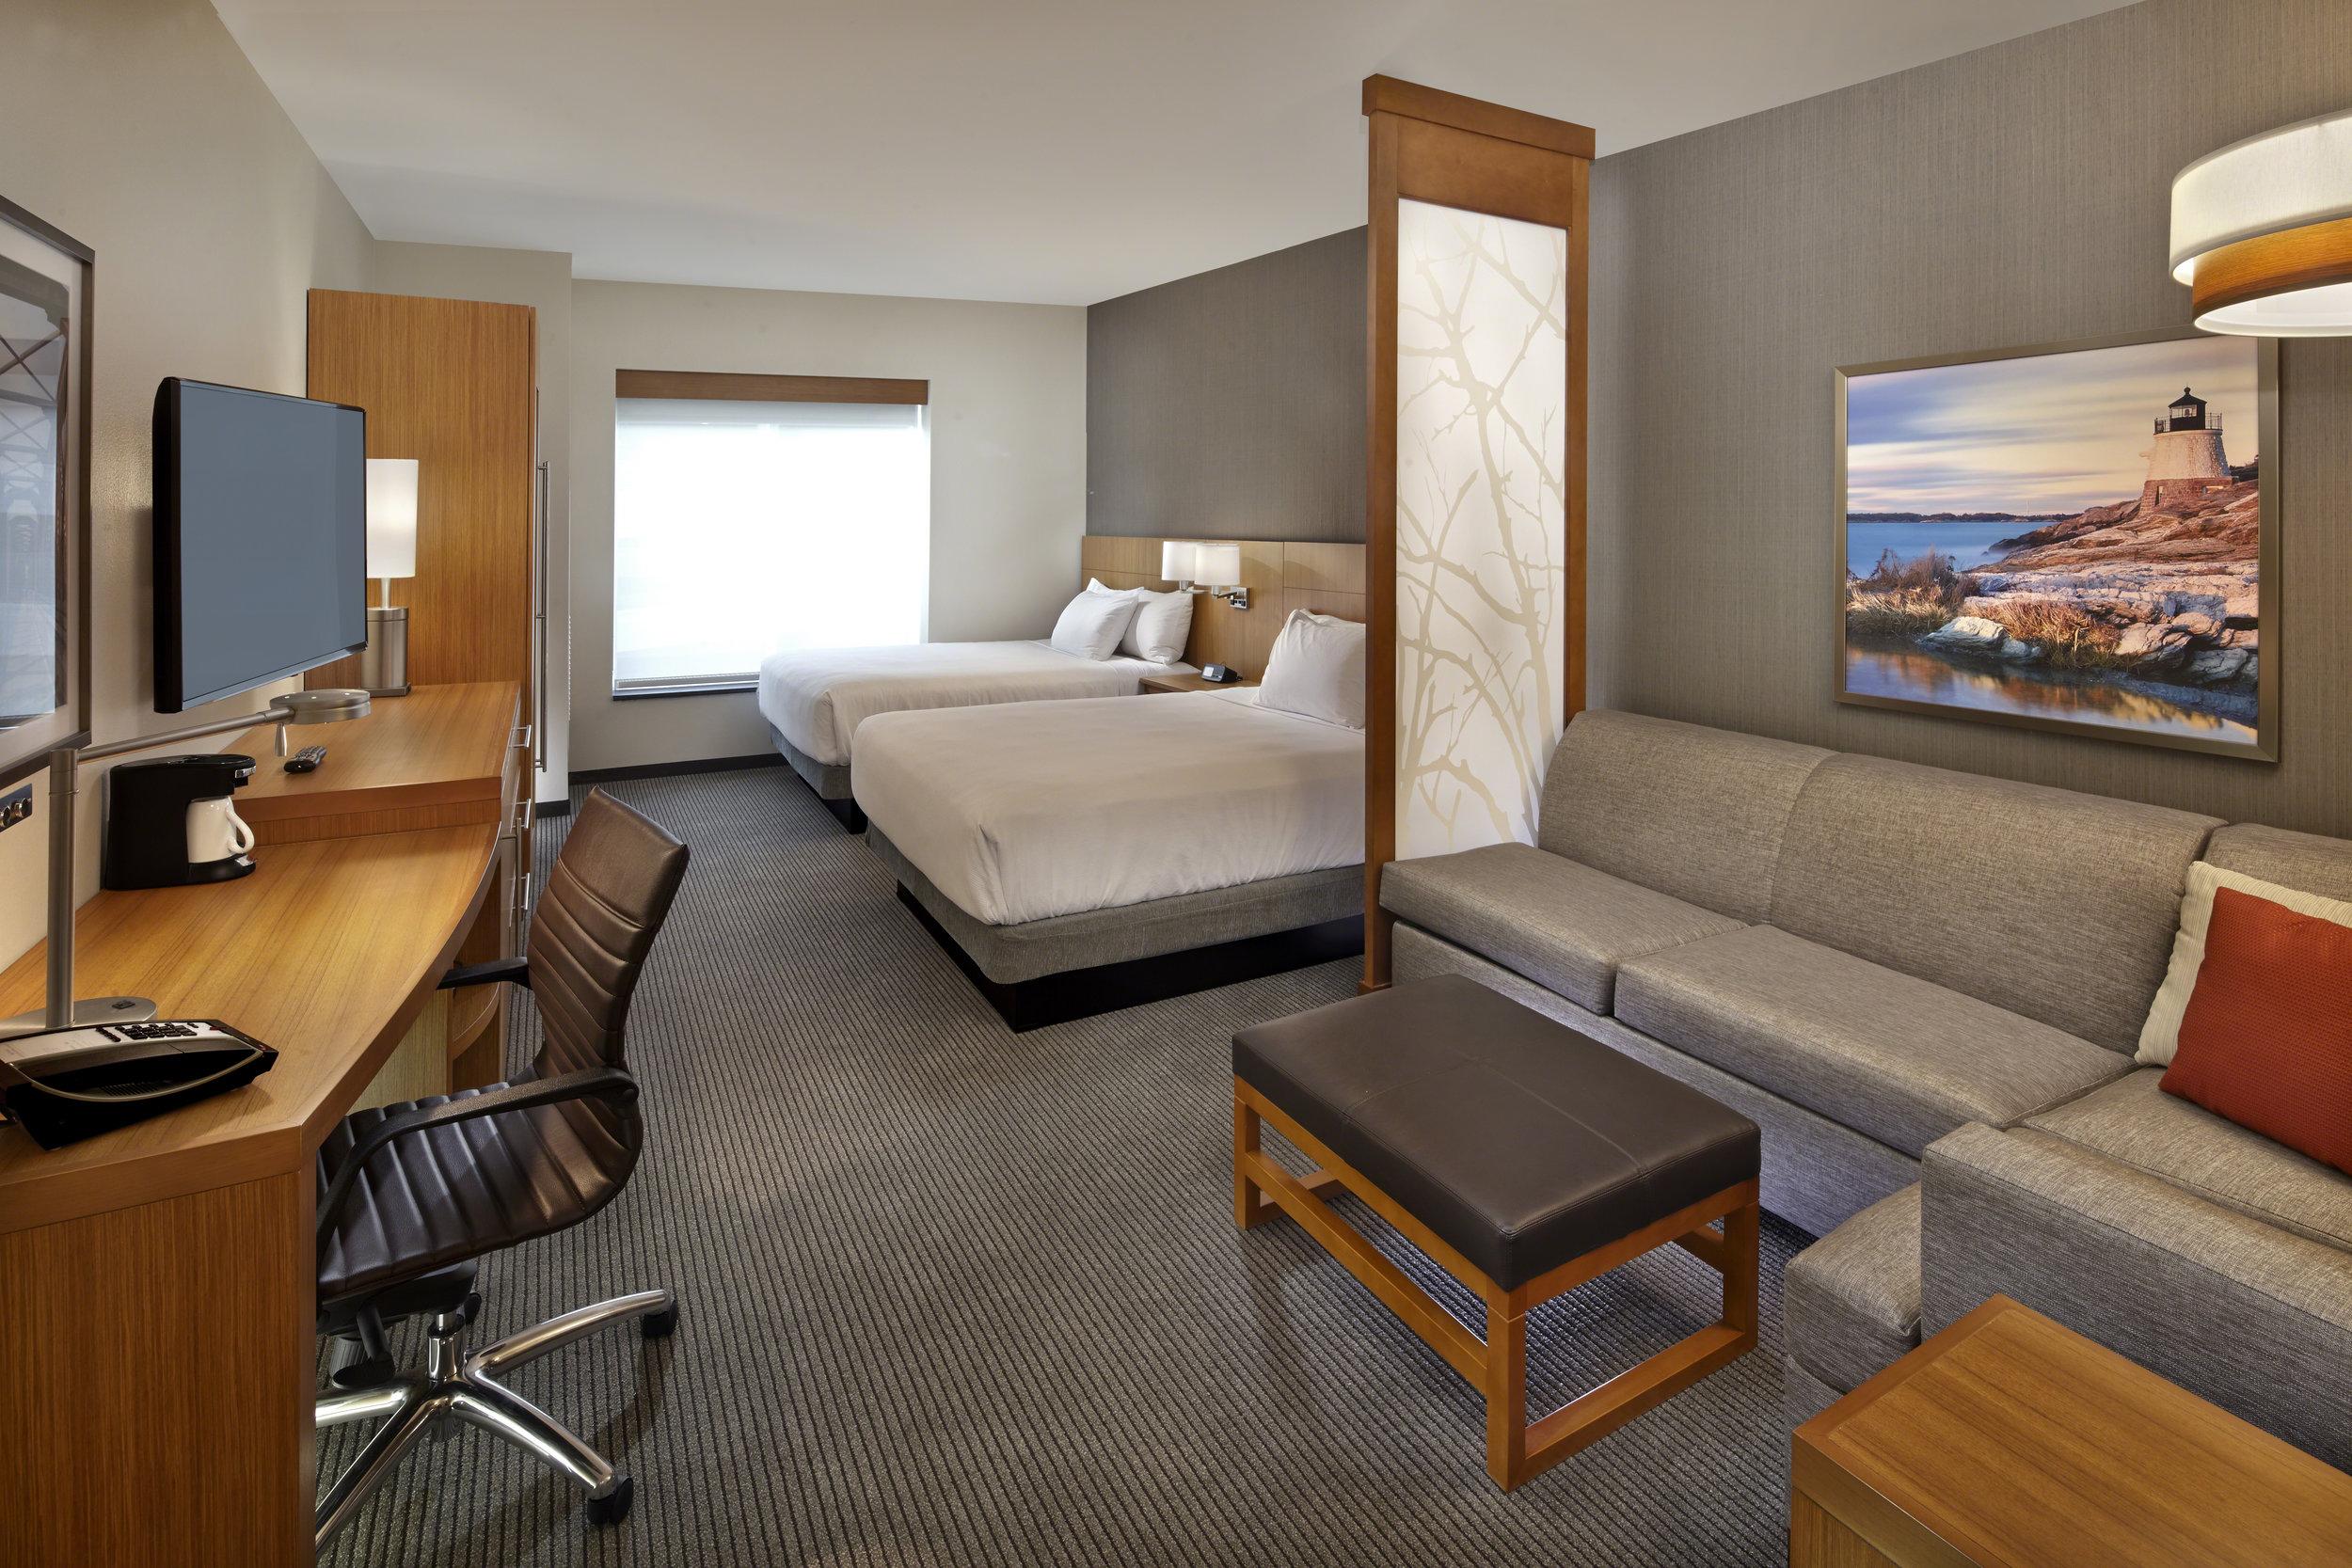 Hyatt_Place_Hotel_Warwick_7_18_studio_a_double-60mb.jpg